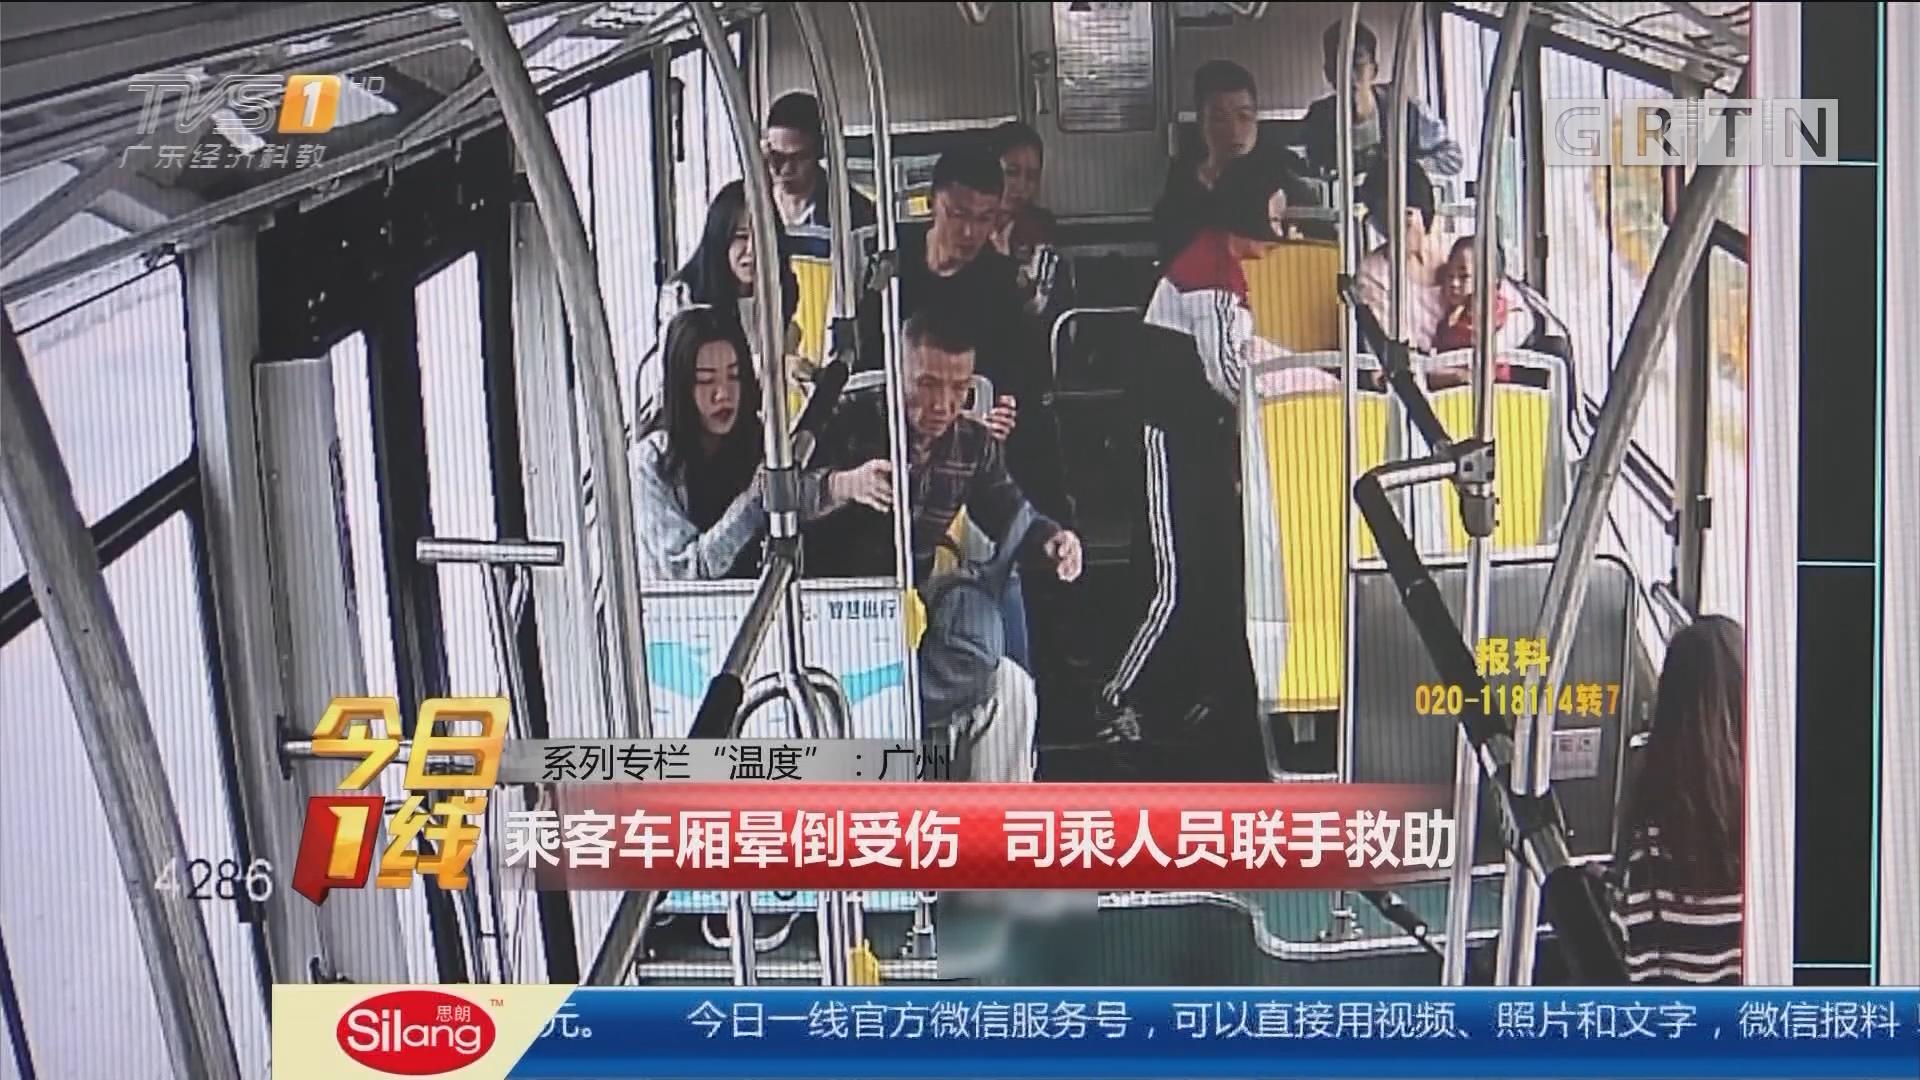 """系列专栏""""温度"""":广州 乘客车厢晕倒受伤 司乘人员联手救助"""